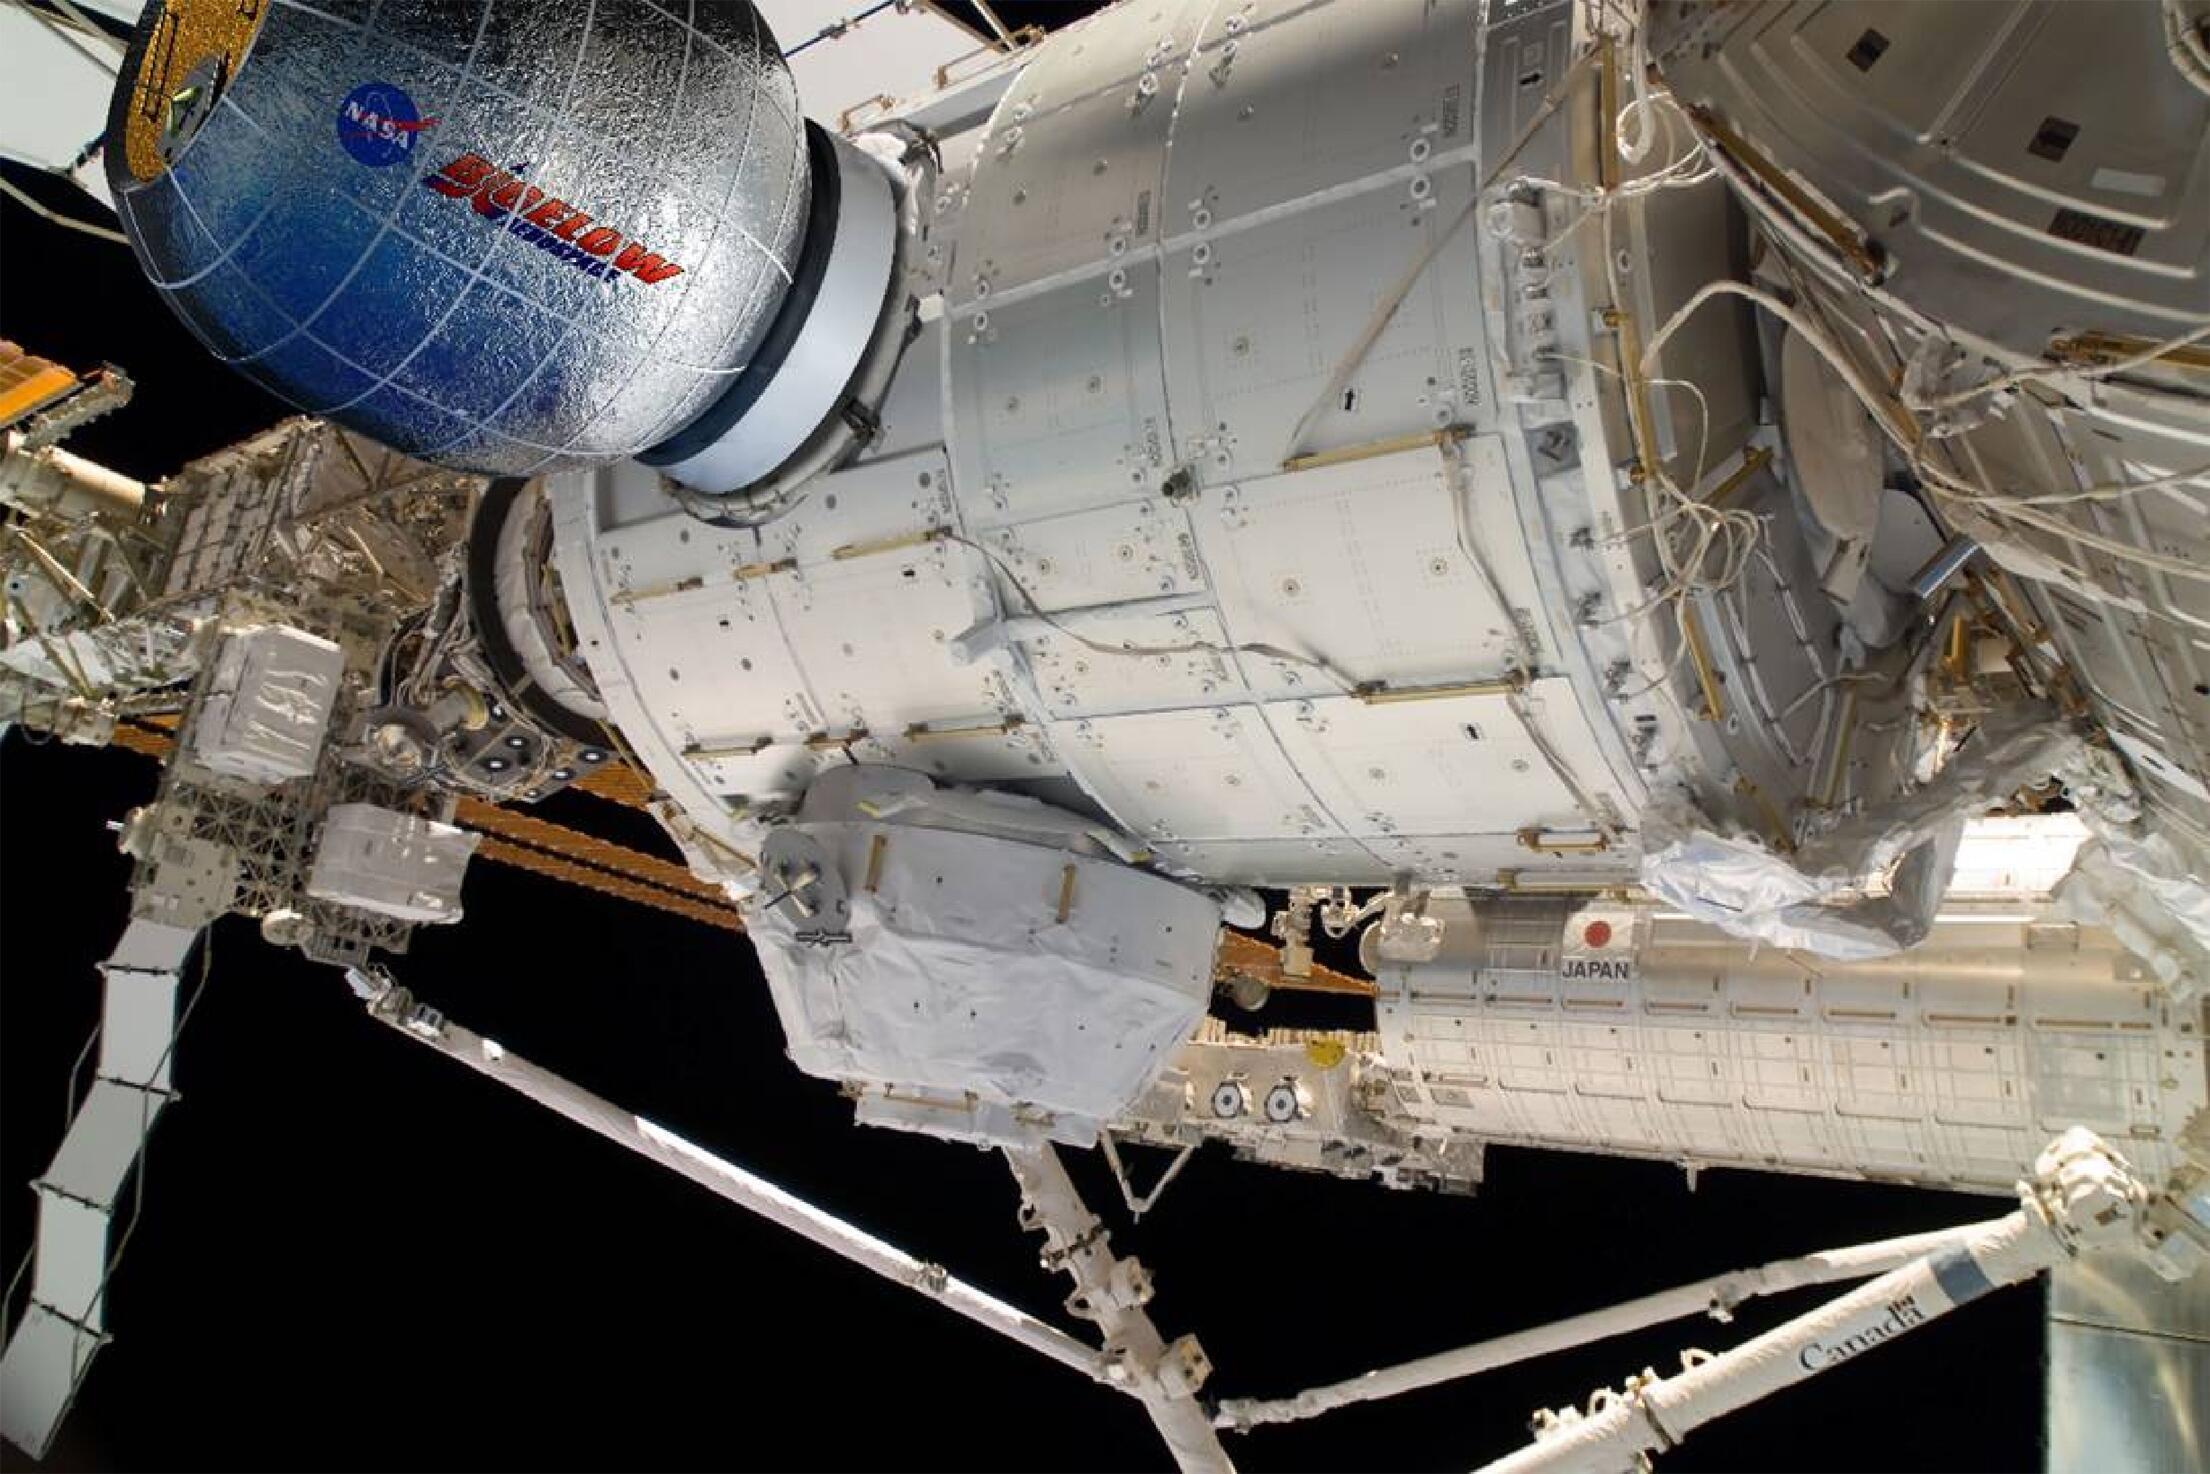 La Station spatiale internationale (ISS) a un problème de panneaux solaires à résoudre.